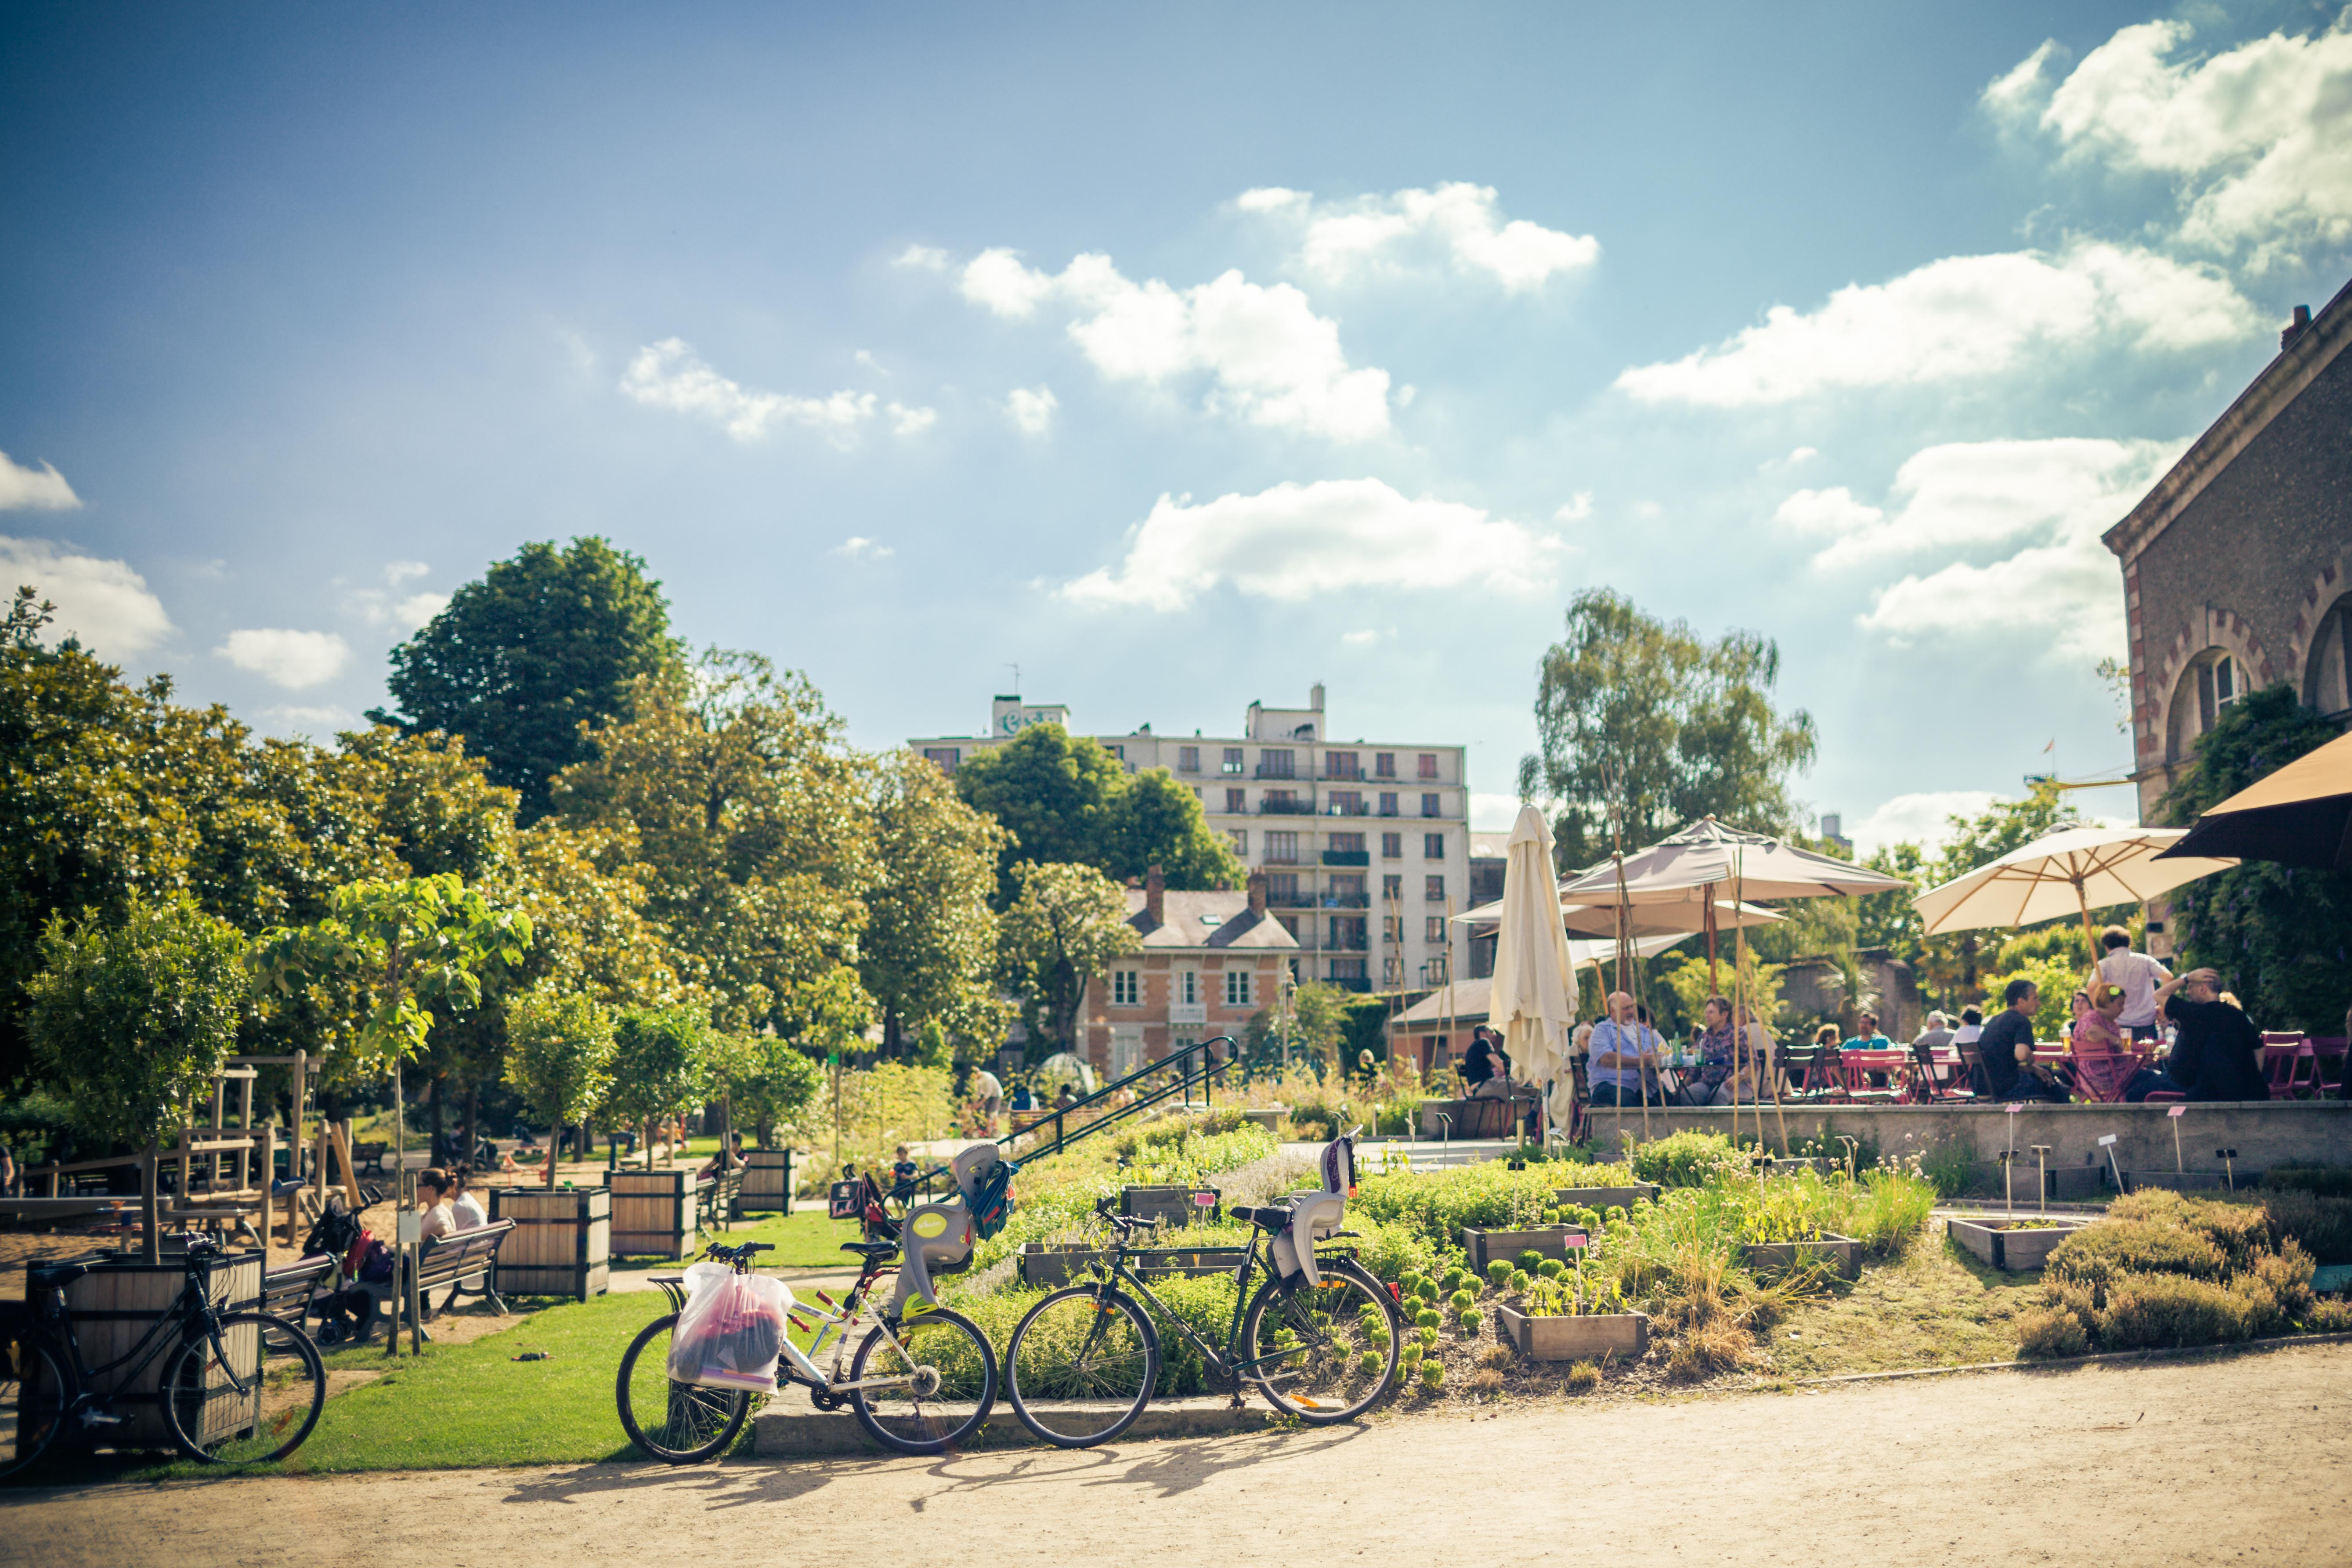 Le Voyage à Nantes à vélo - Tourisme Loire-Atlantique